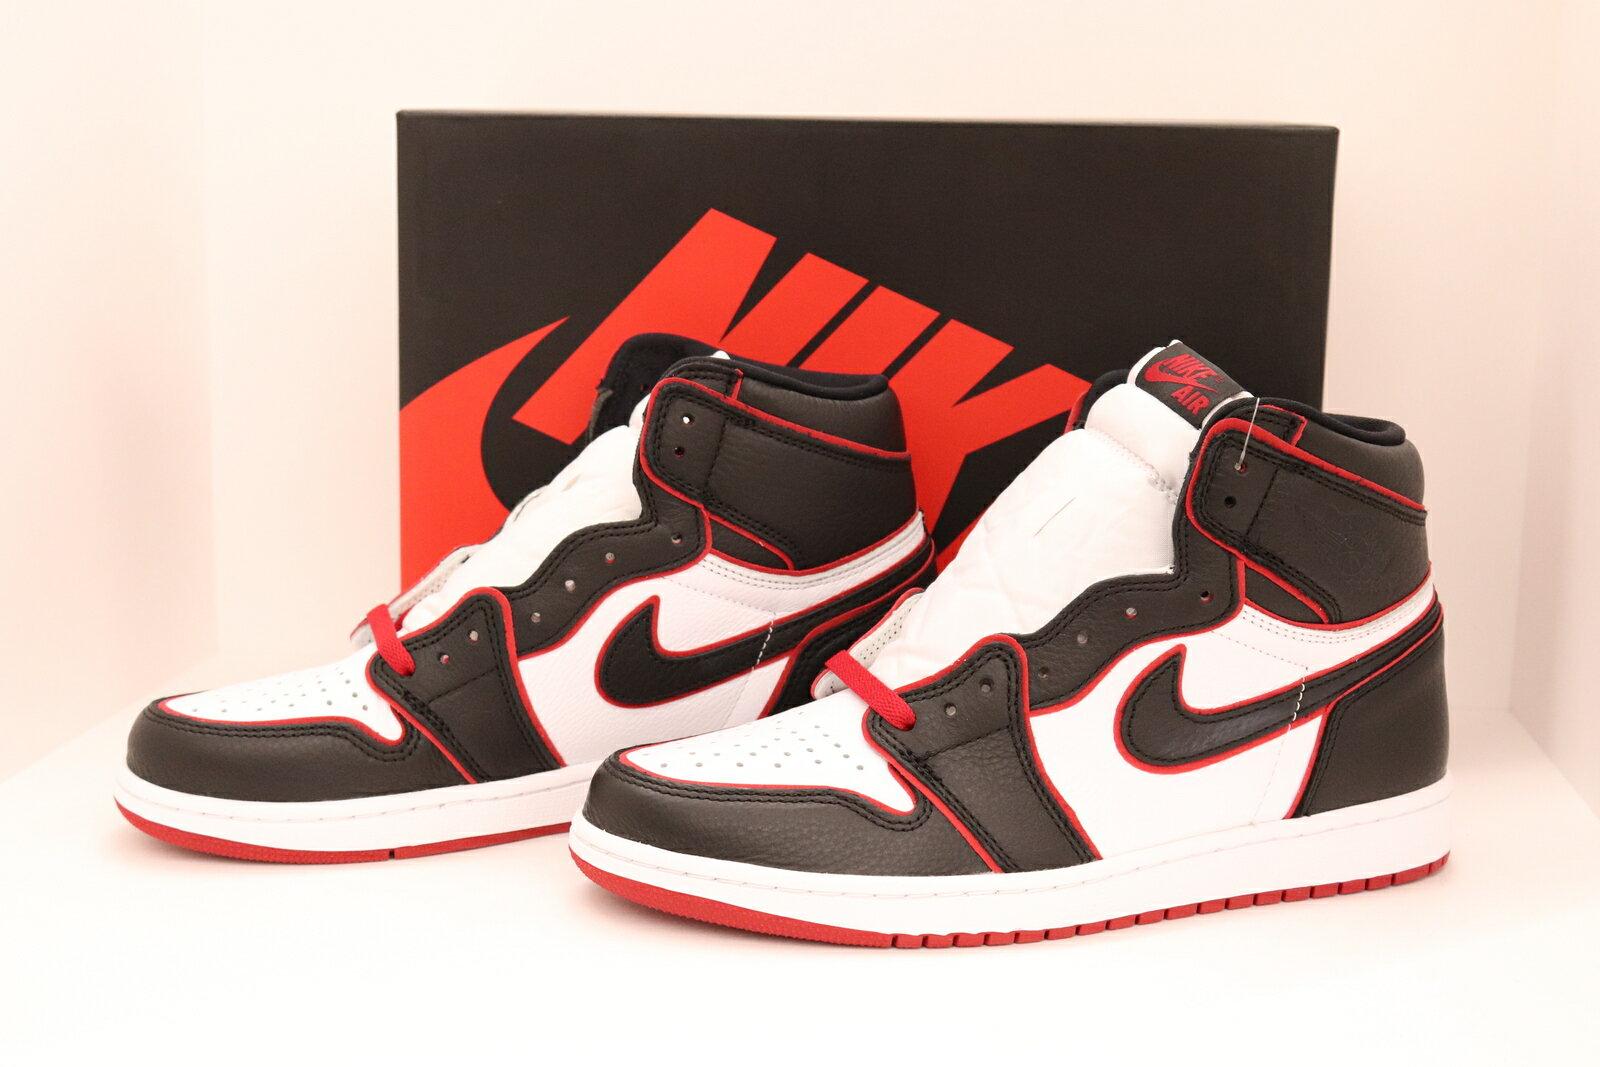 メンズ靴, スニーカー NIKEAIR JORDAN 1 RETRO HIGH OGAJ1BLOOD LINE555088 06228.0cmBLKREDWHT